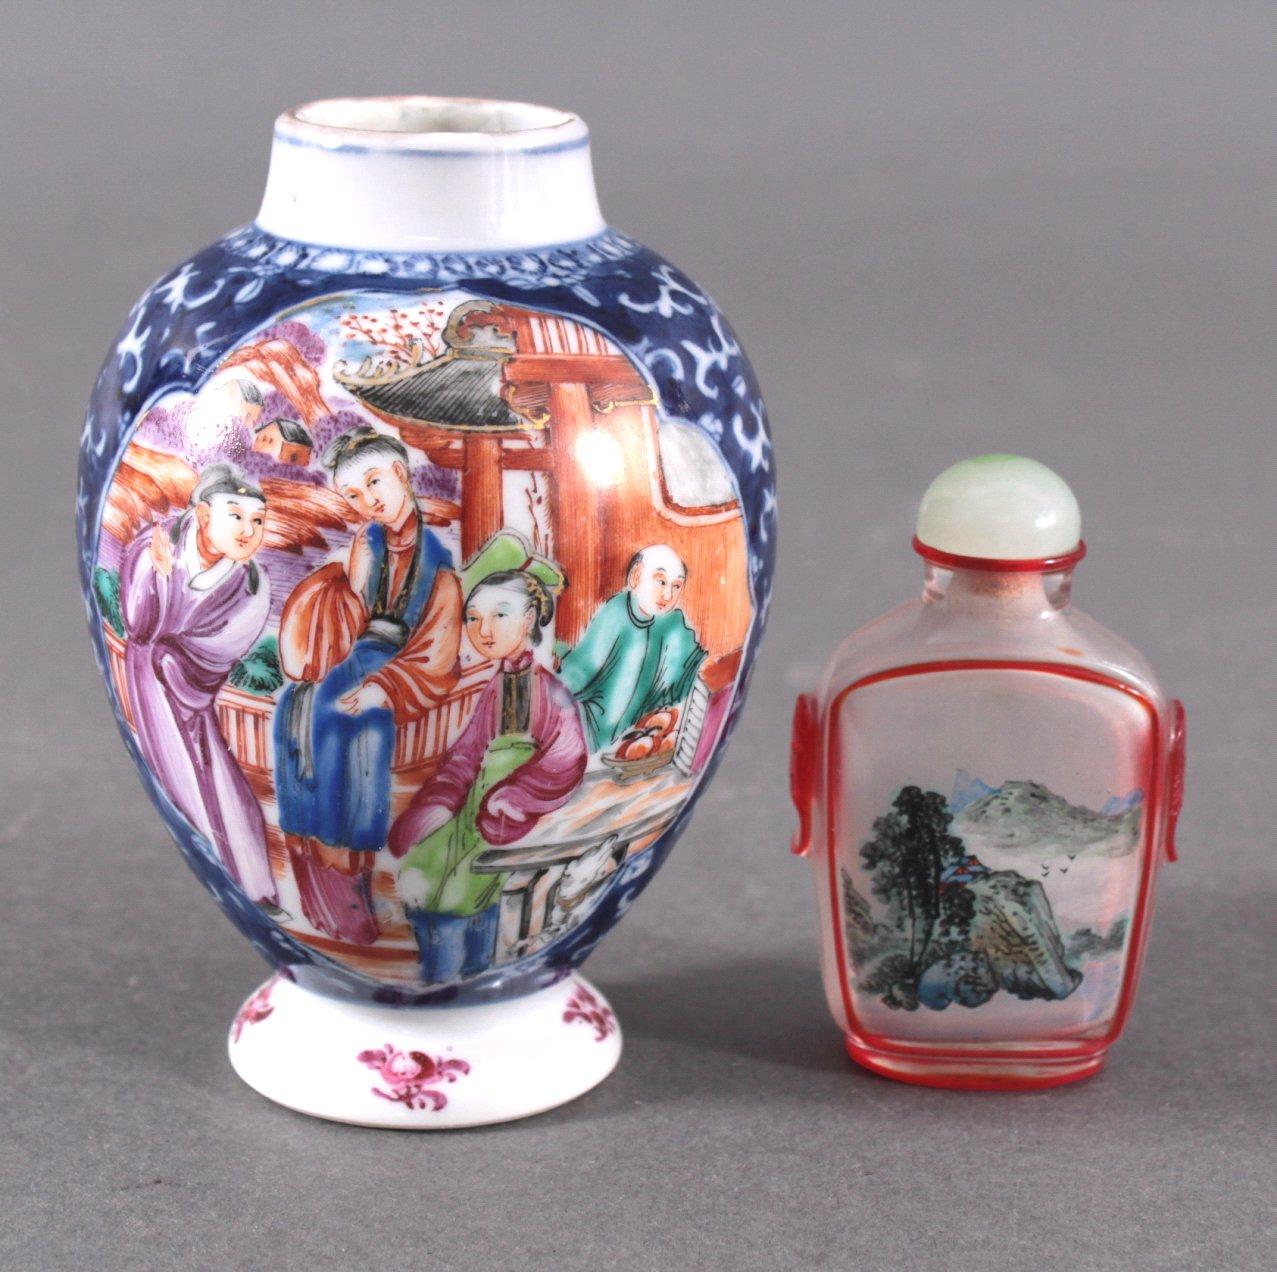 Konvolut Asiatisches Porzellan und Snuff Bottle, 20 Jh.-2